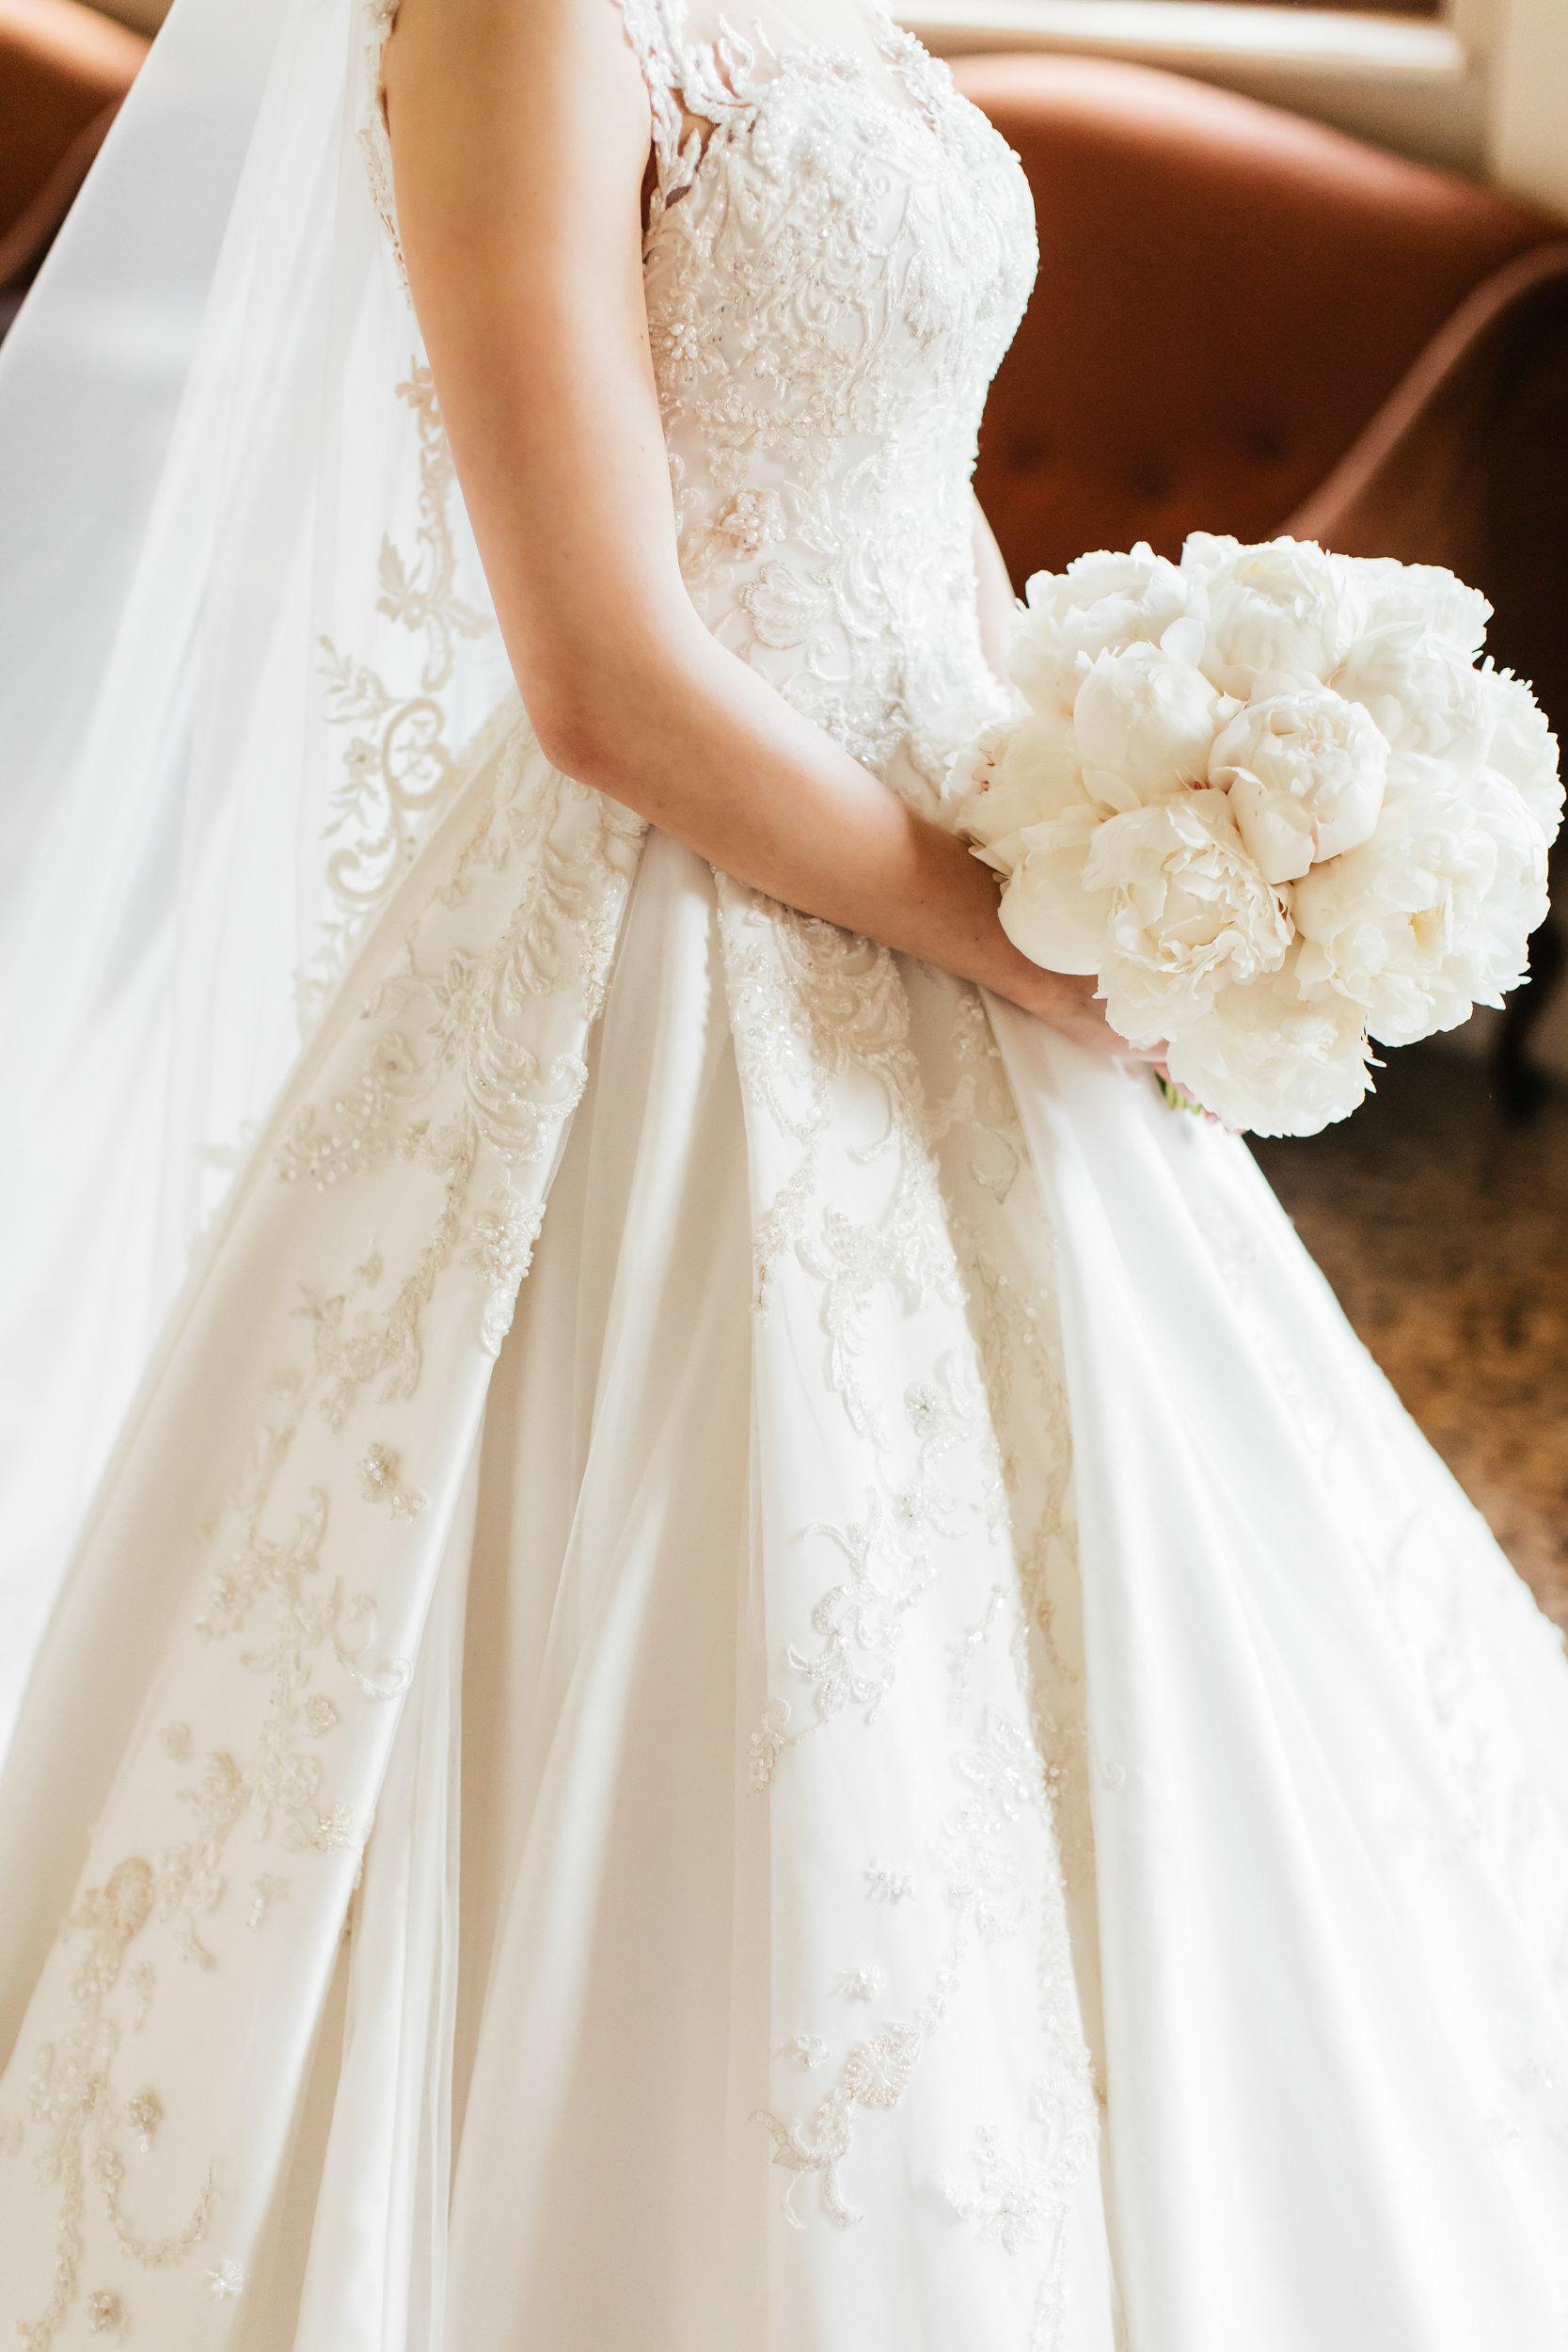 WeddingPhoto-169.jpg